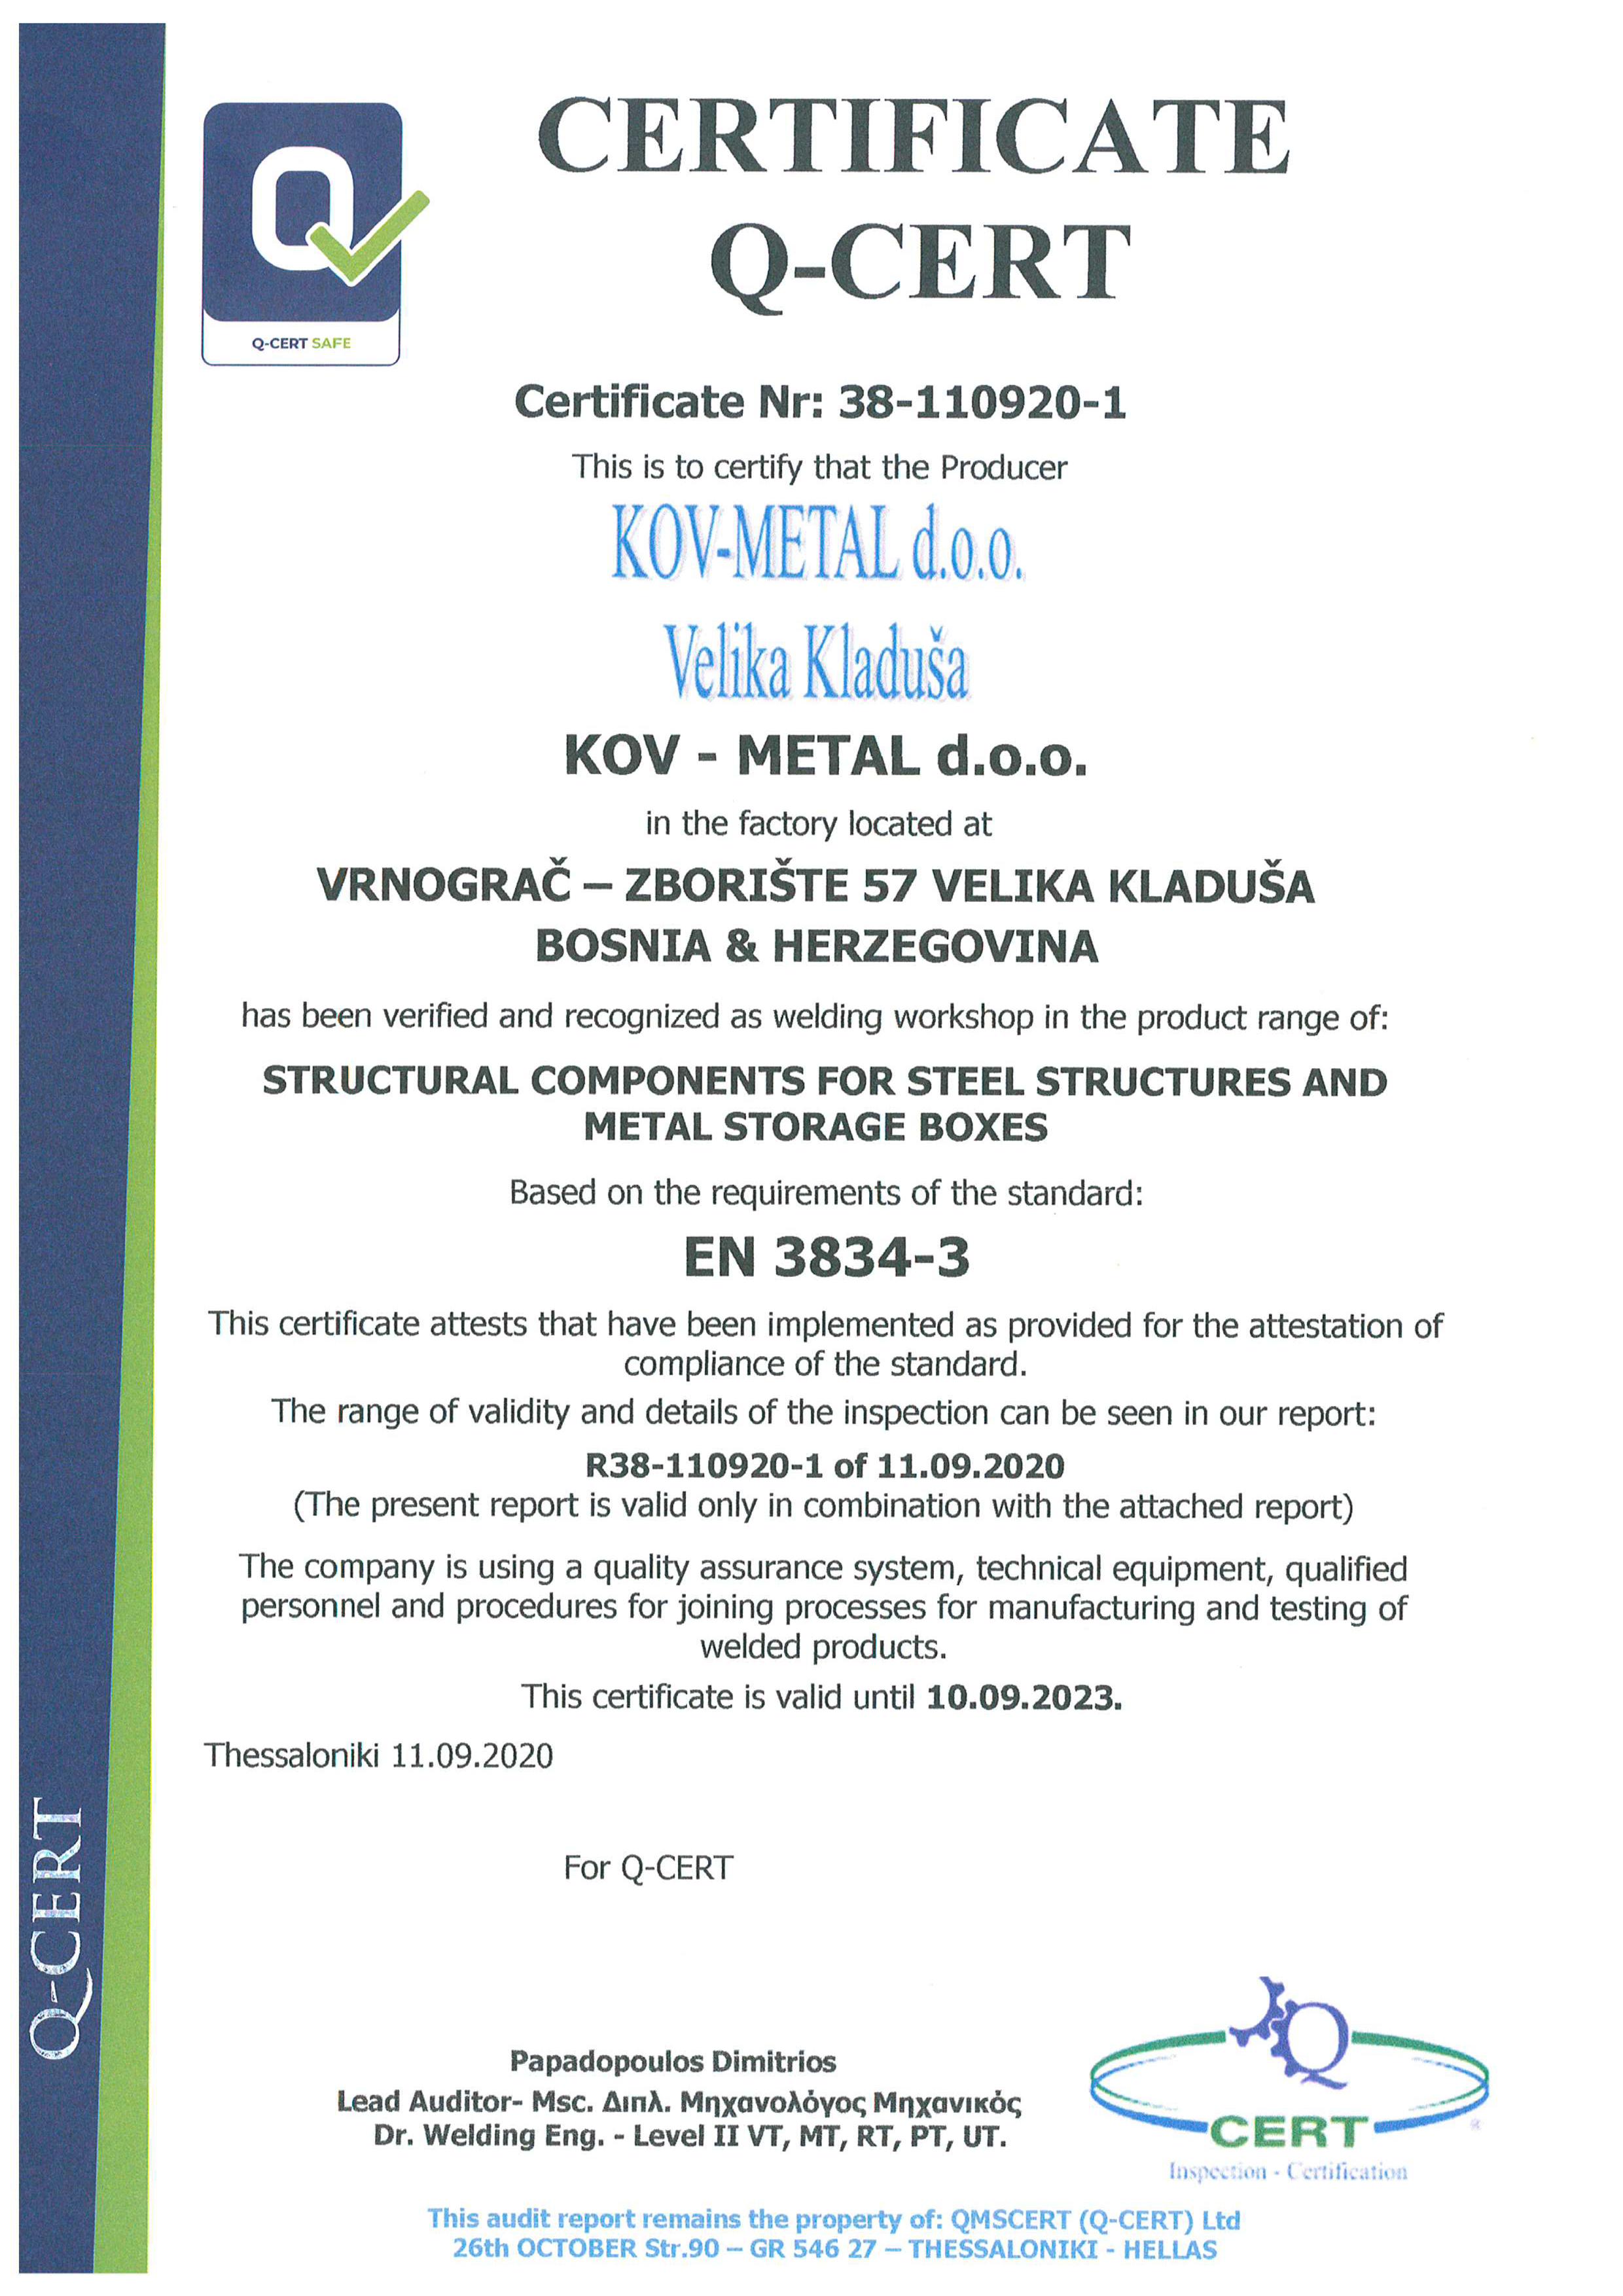 3834-3 certifikat